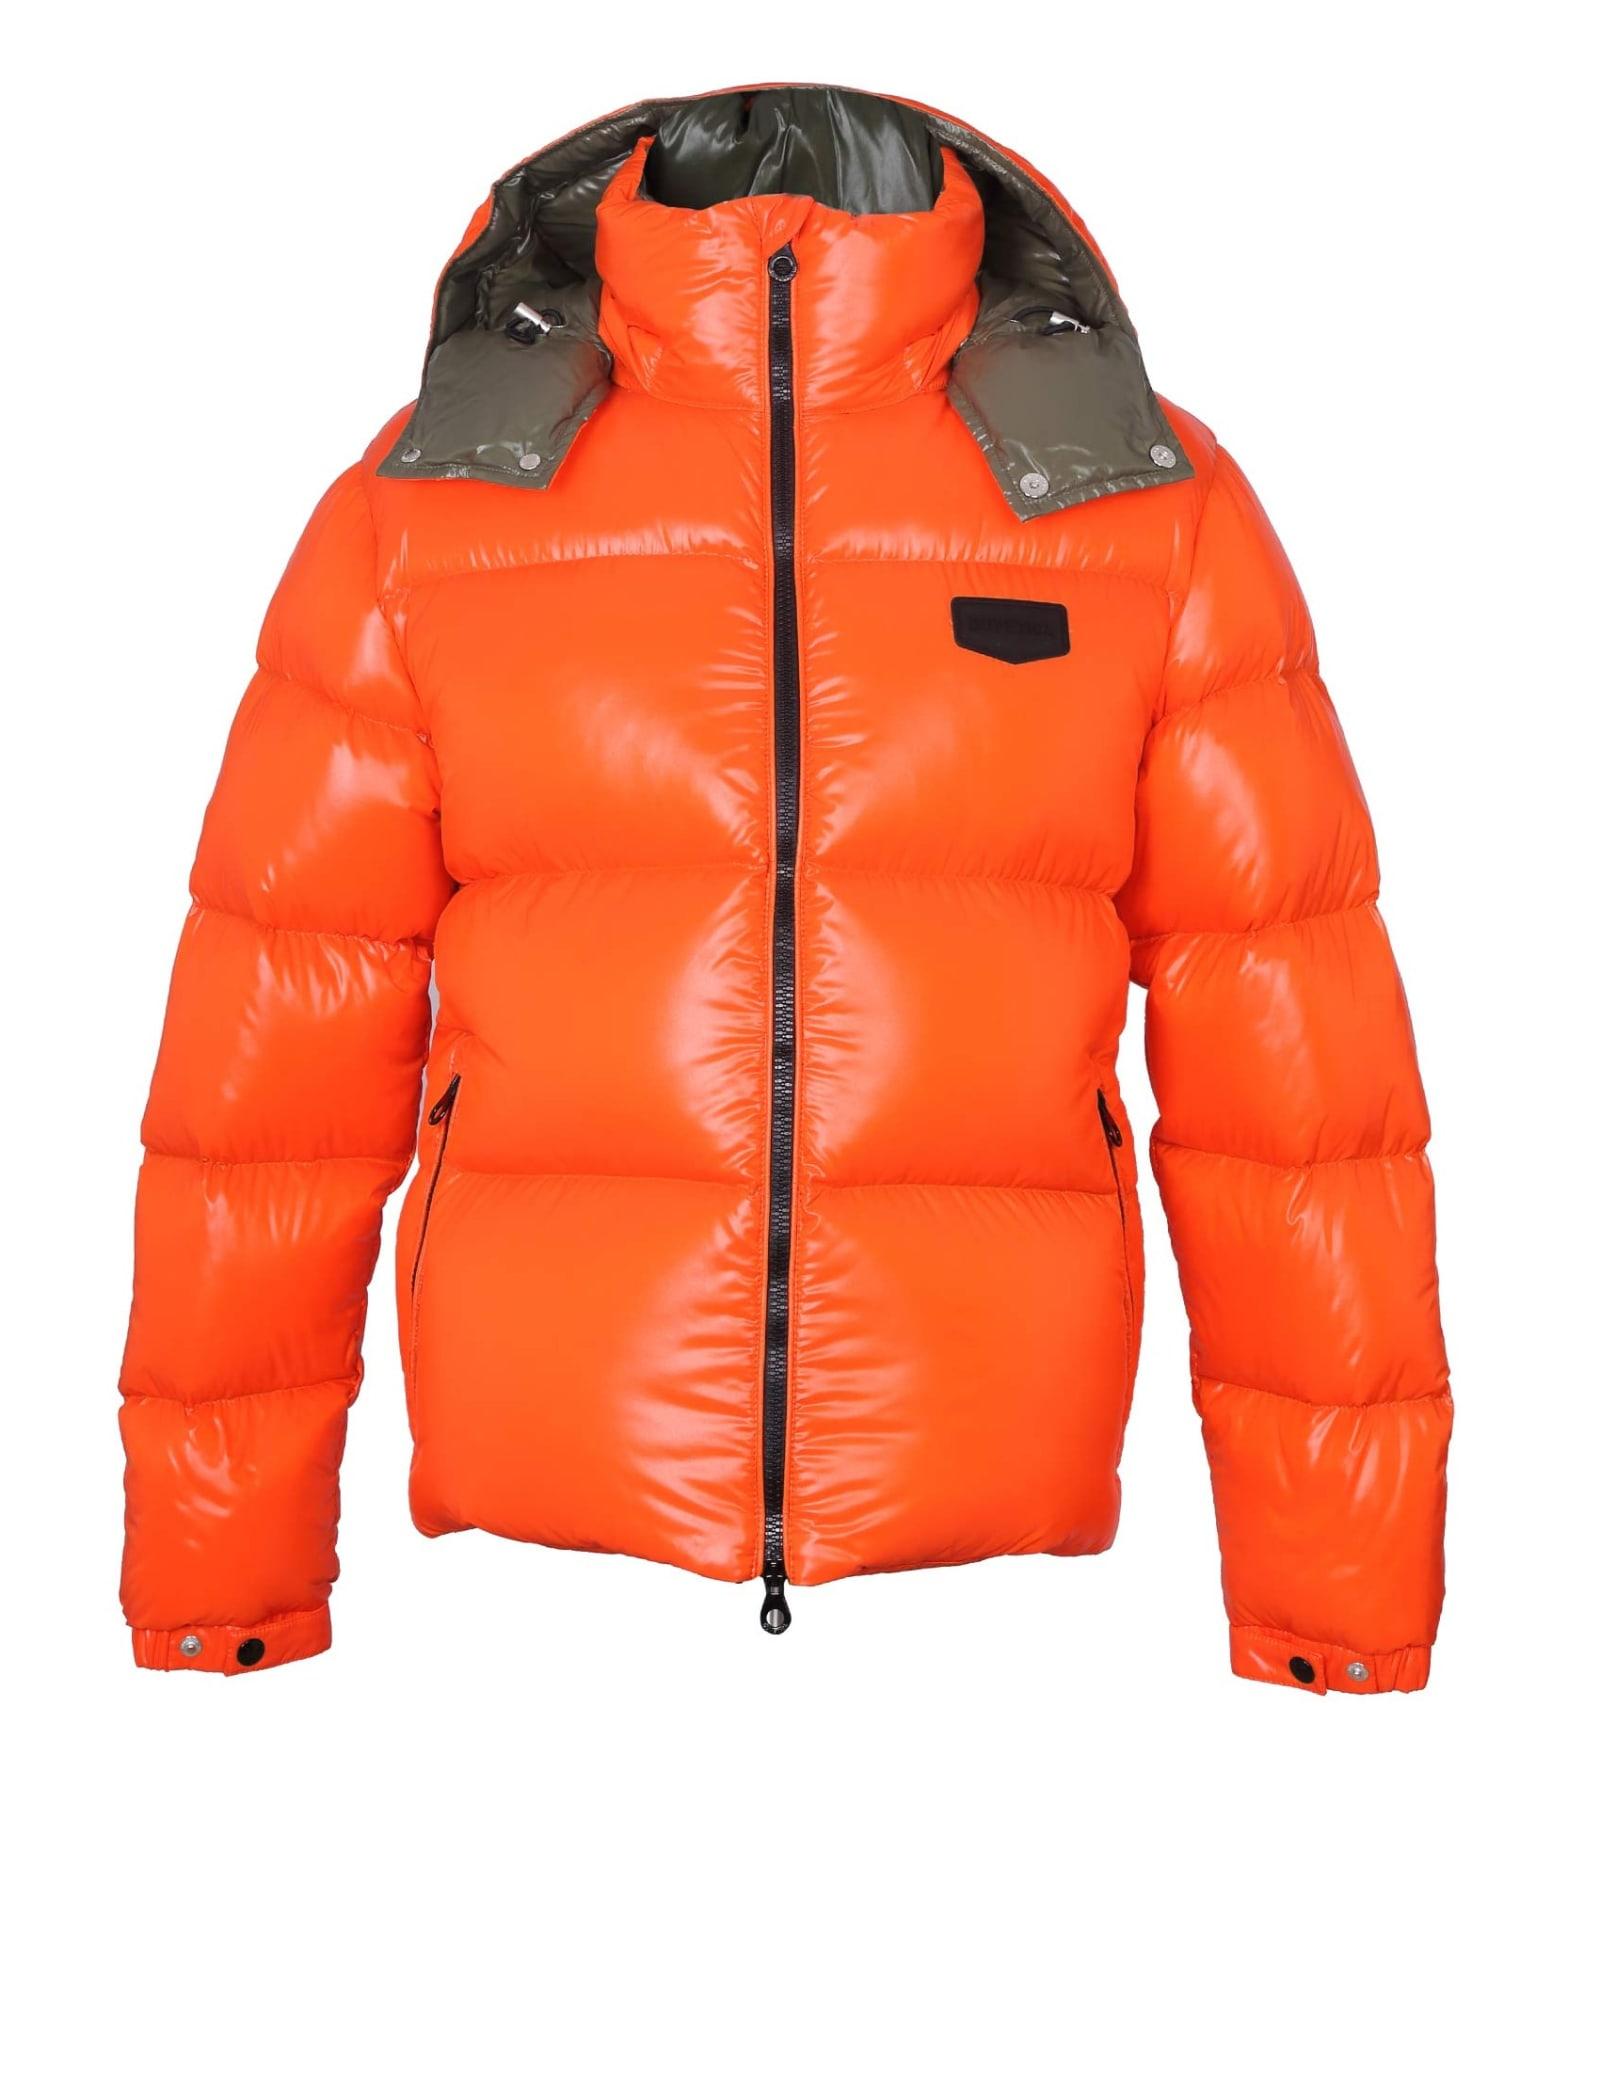 Sallo Jacket With Hood Orange